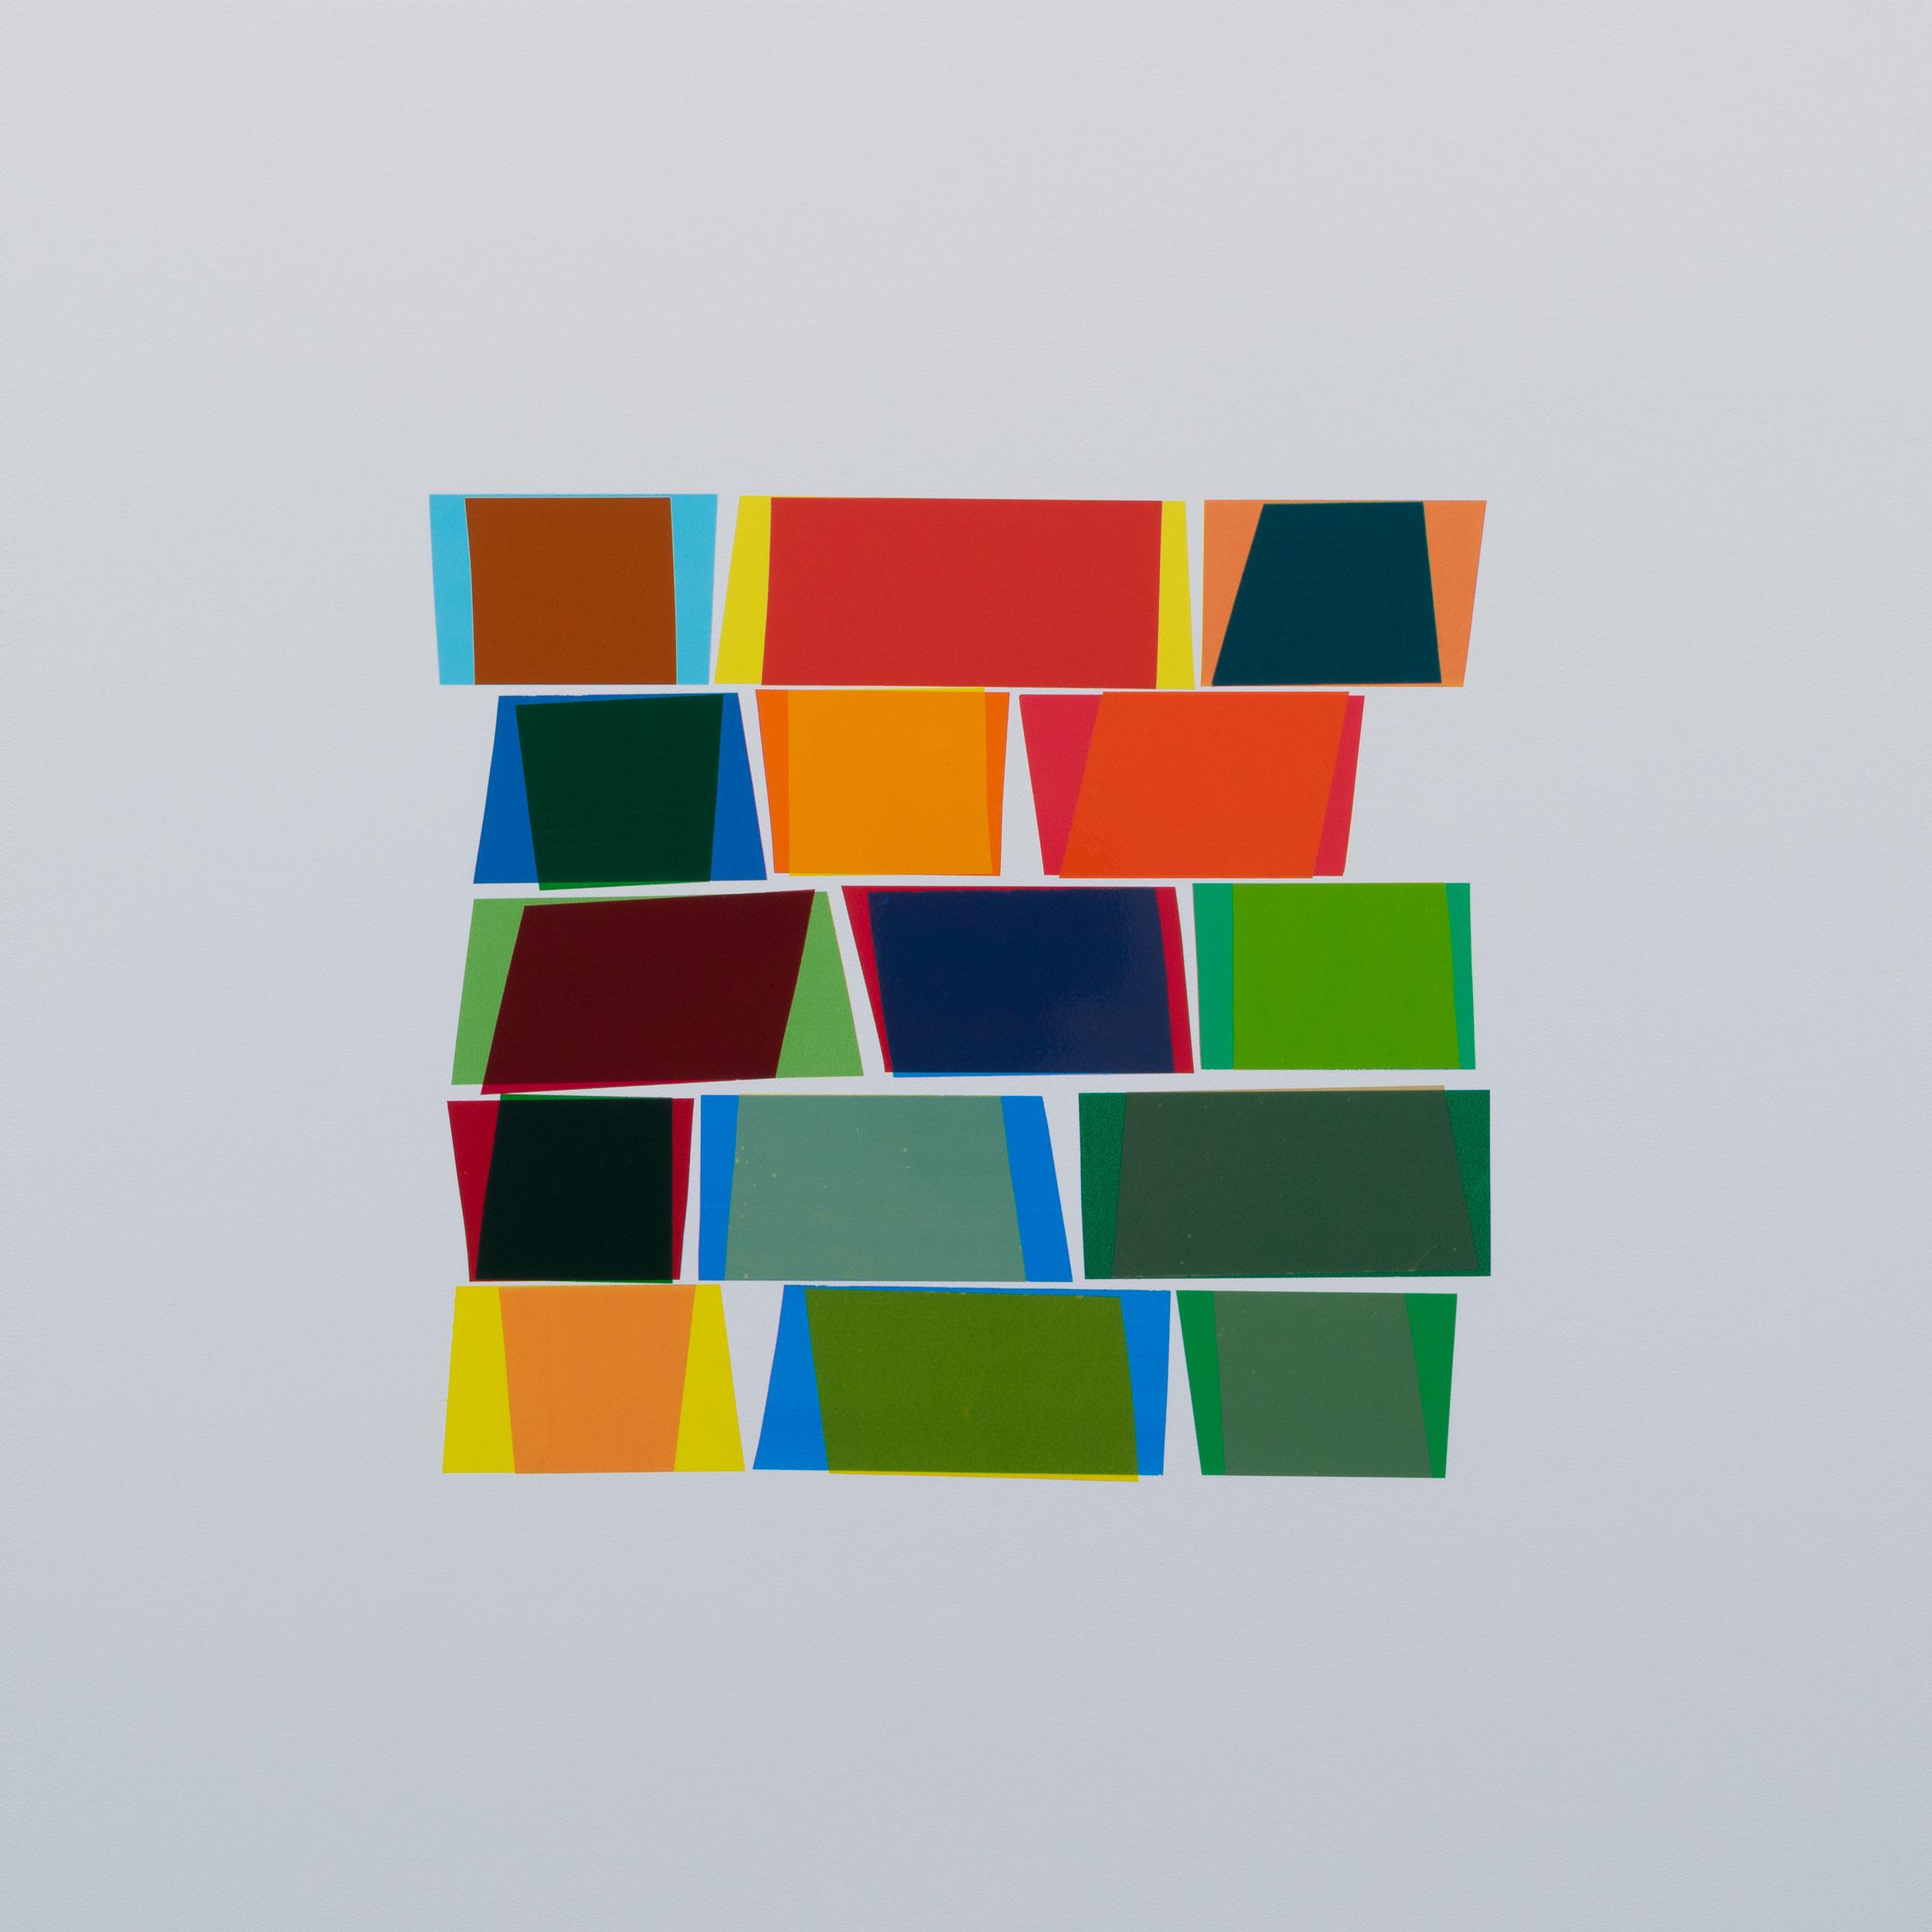 Copy of Mosaic I